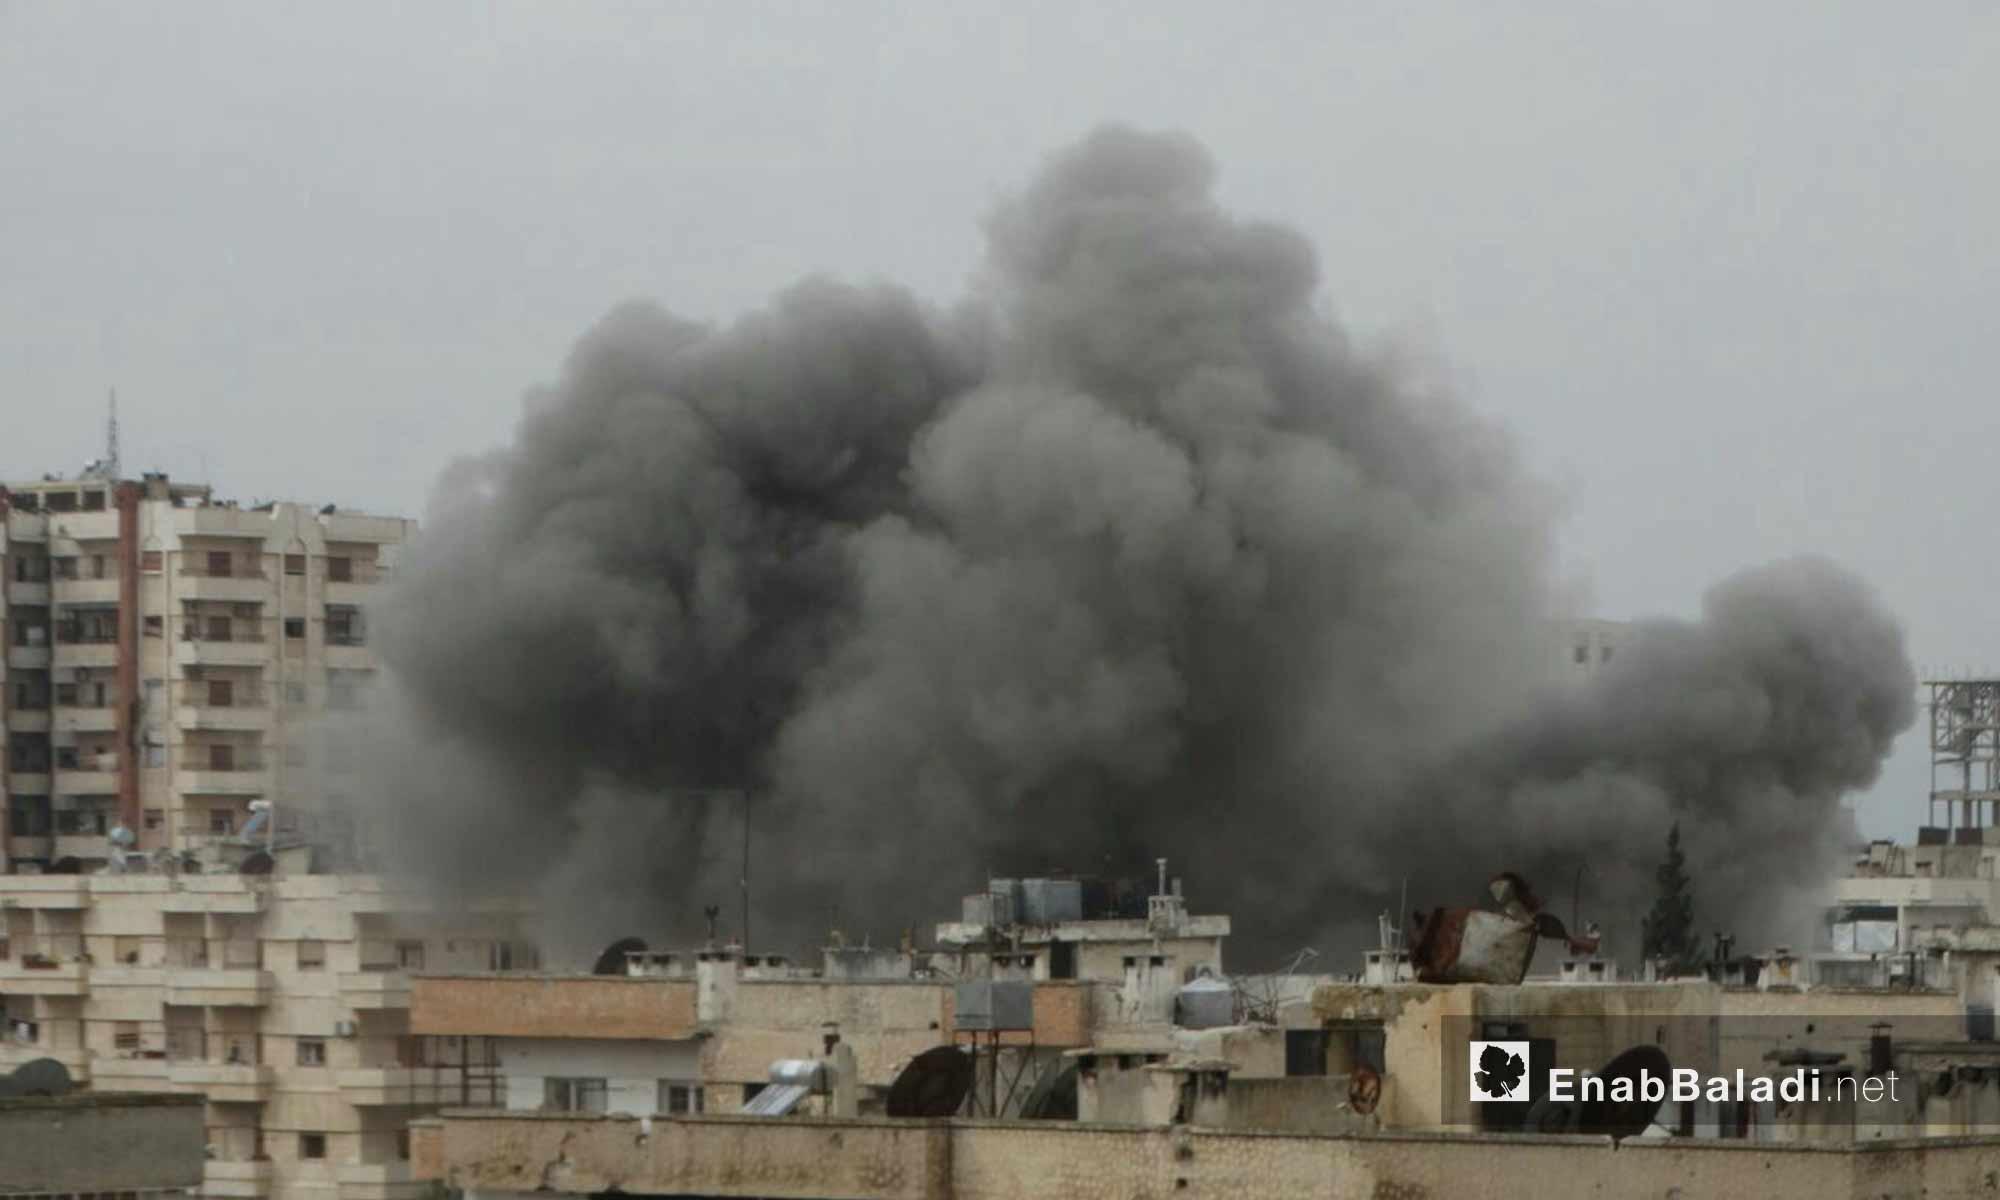 آثار القصف المدفعي والجوي على حي الوعر المحاصر بمدينة حمص_8 شباط 2017_(عنب بلدي)